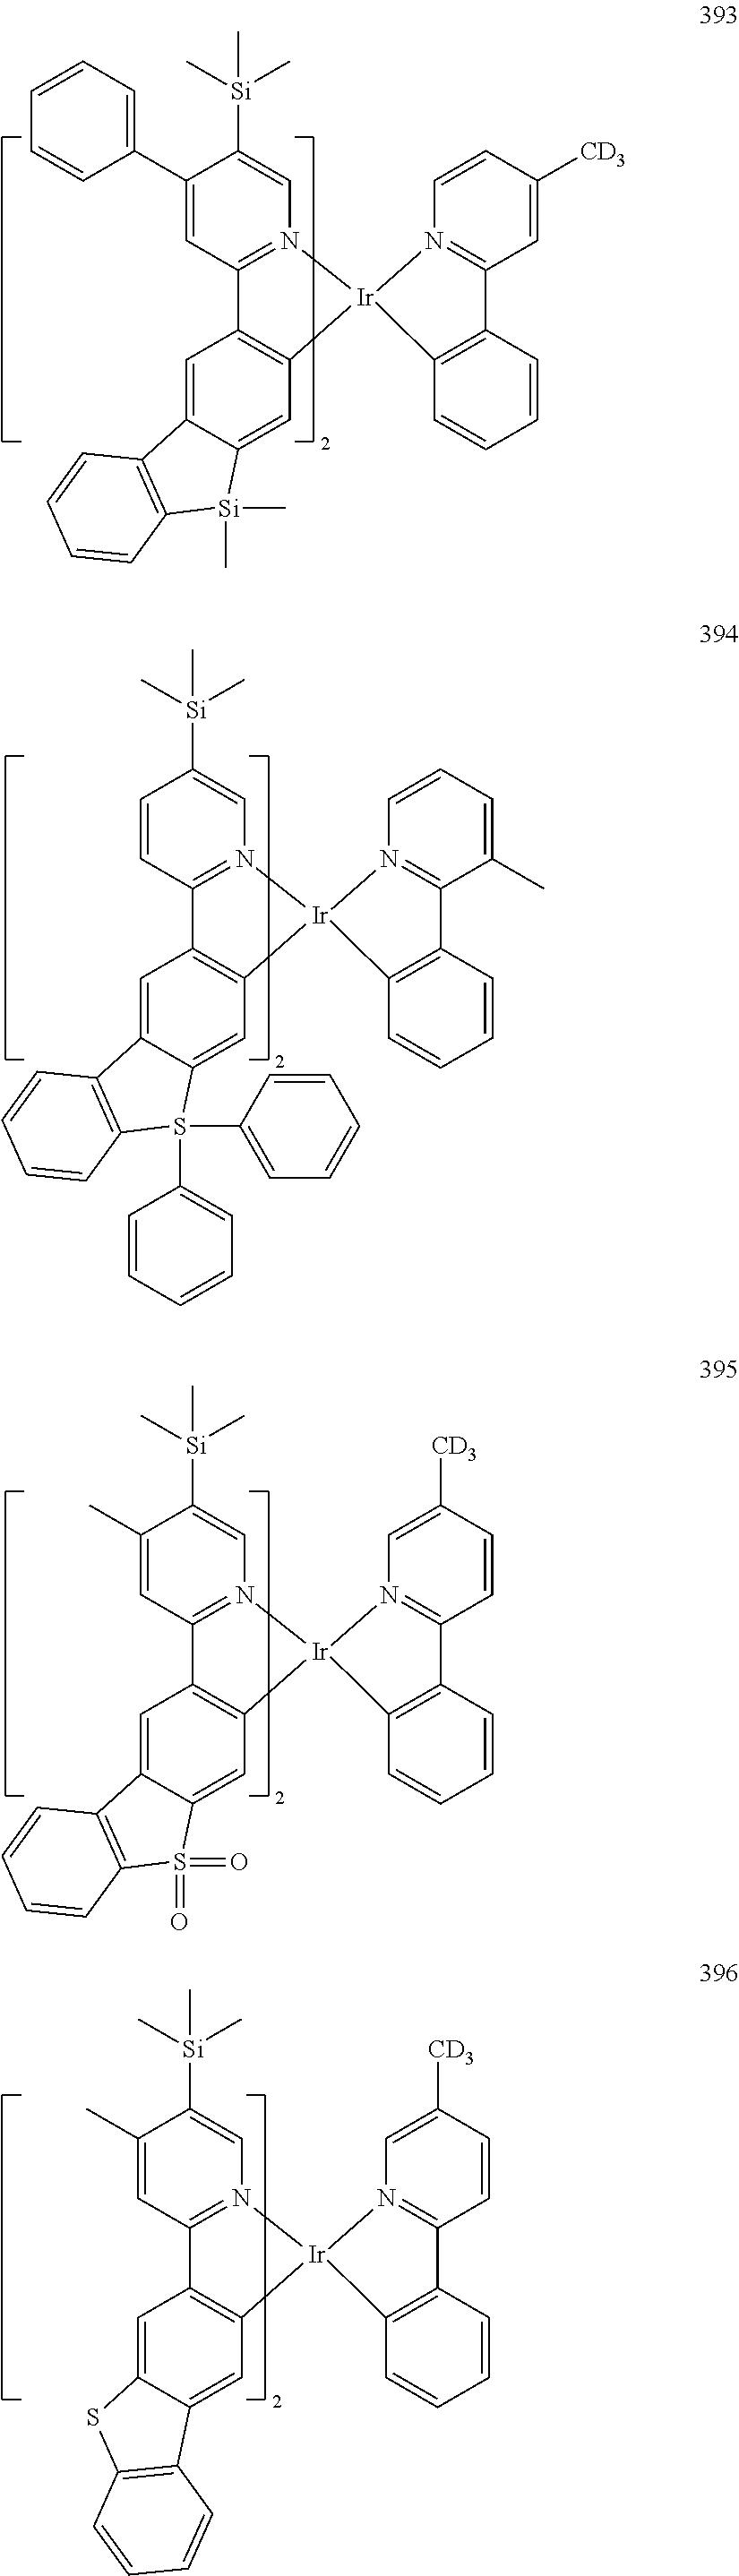 Figure US20160155962A1-20160602-C00179